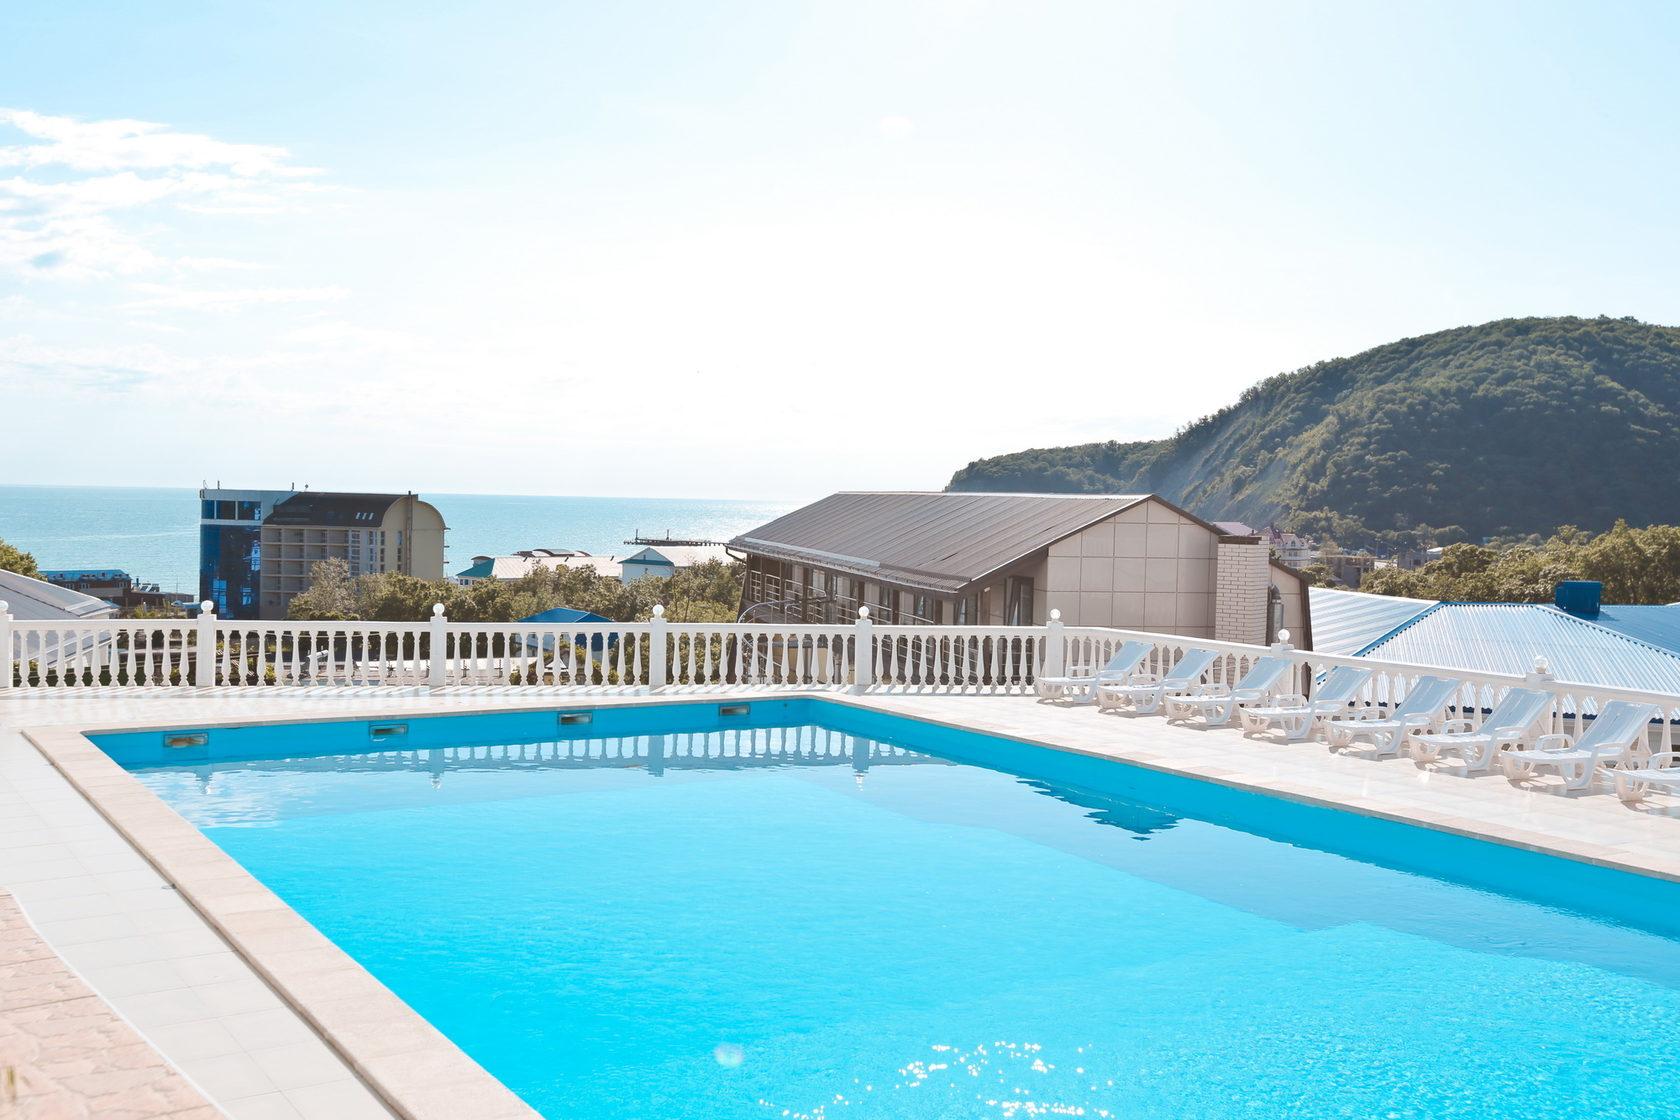 Бассейн на крыше отеля Марсель (Лермонтово) с видом на море и горы